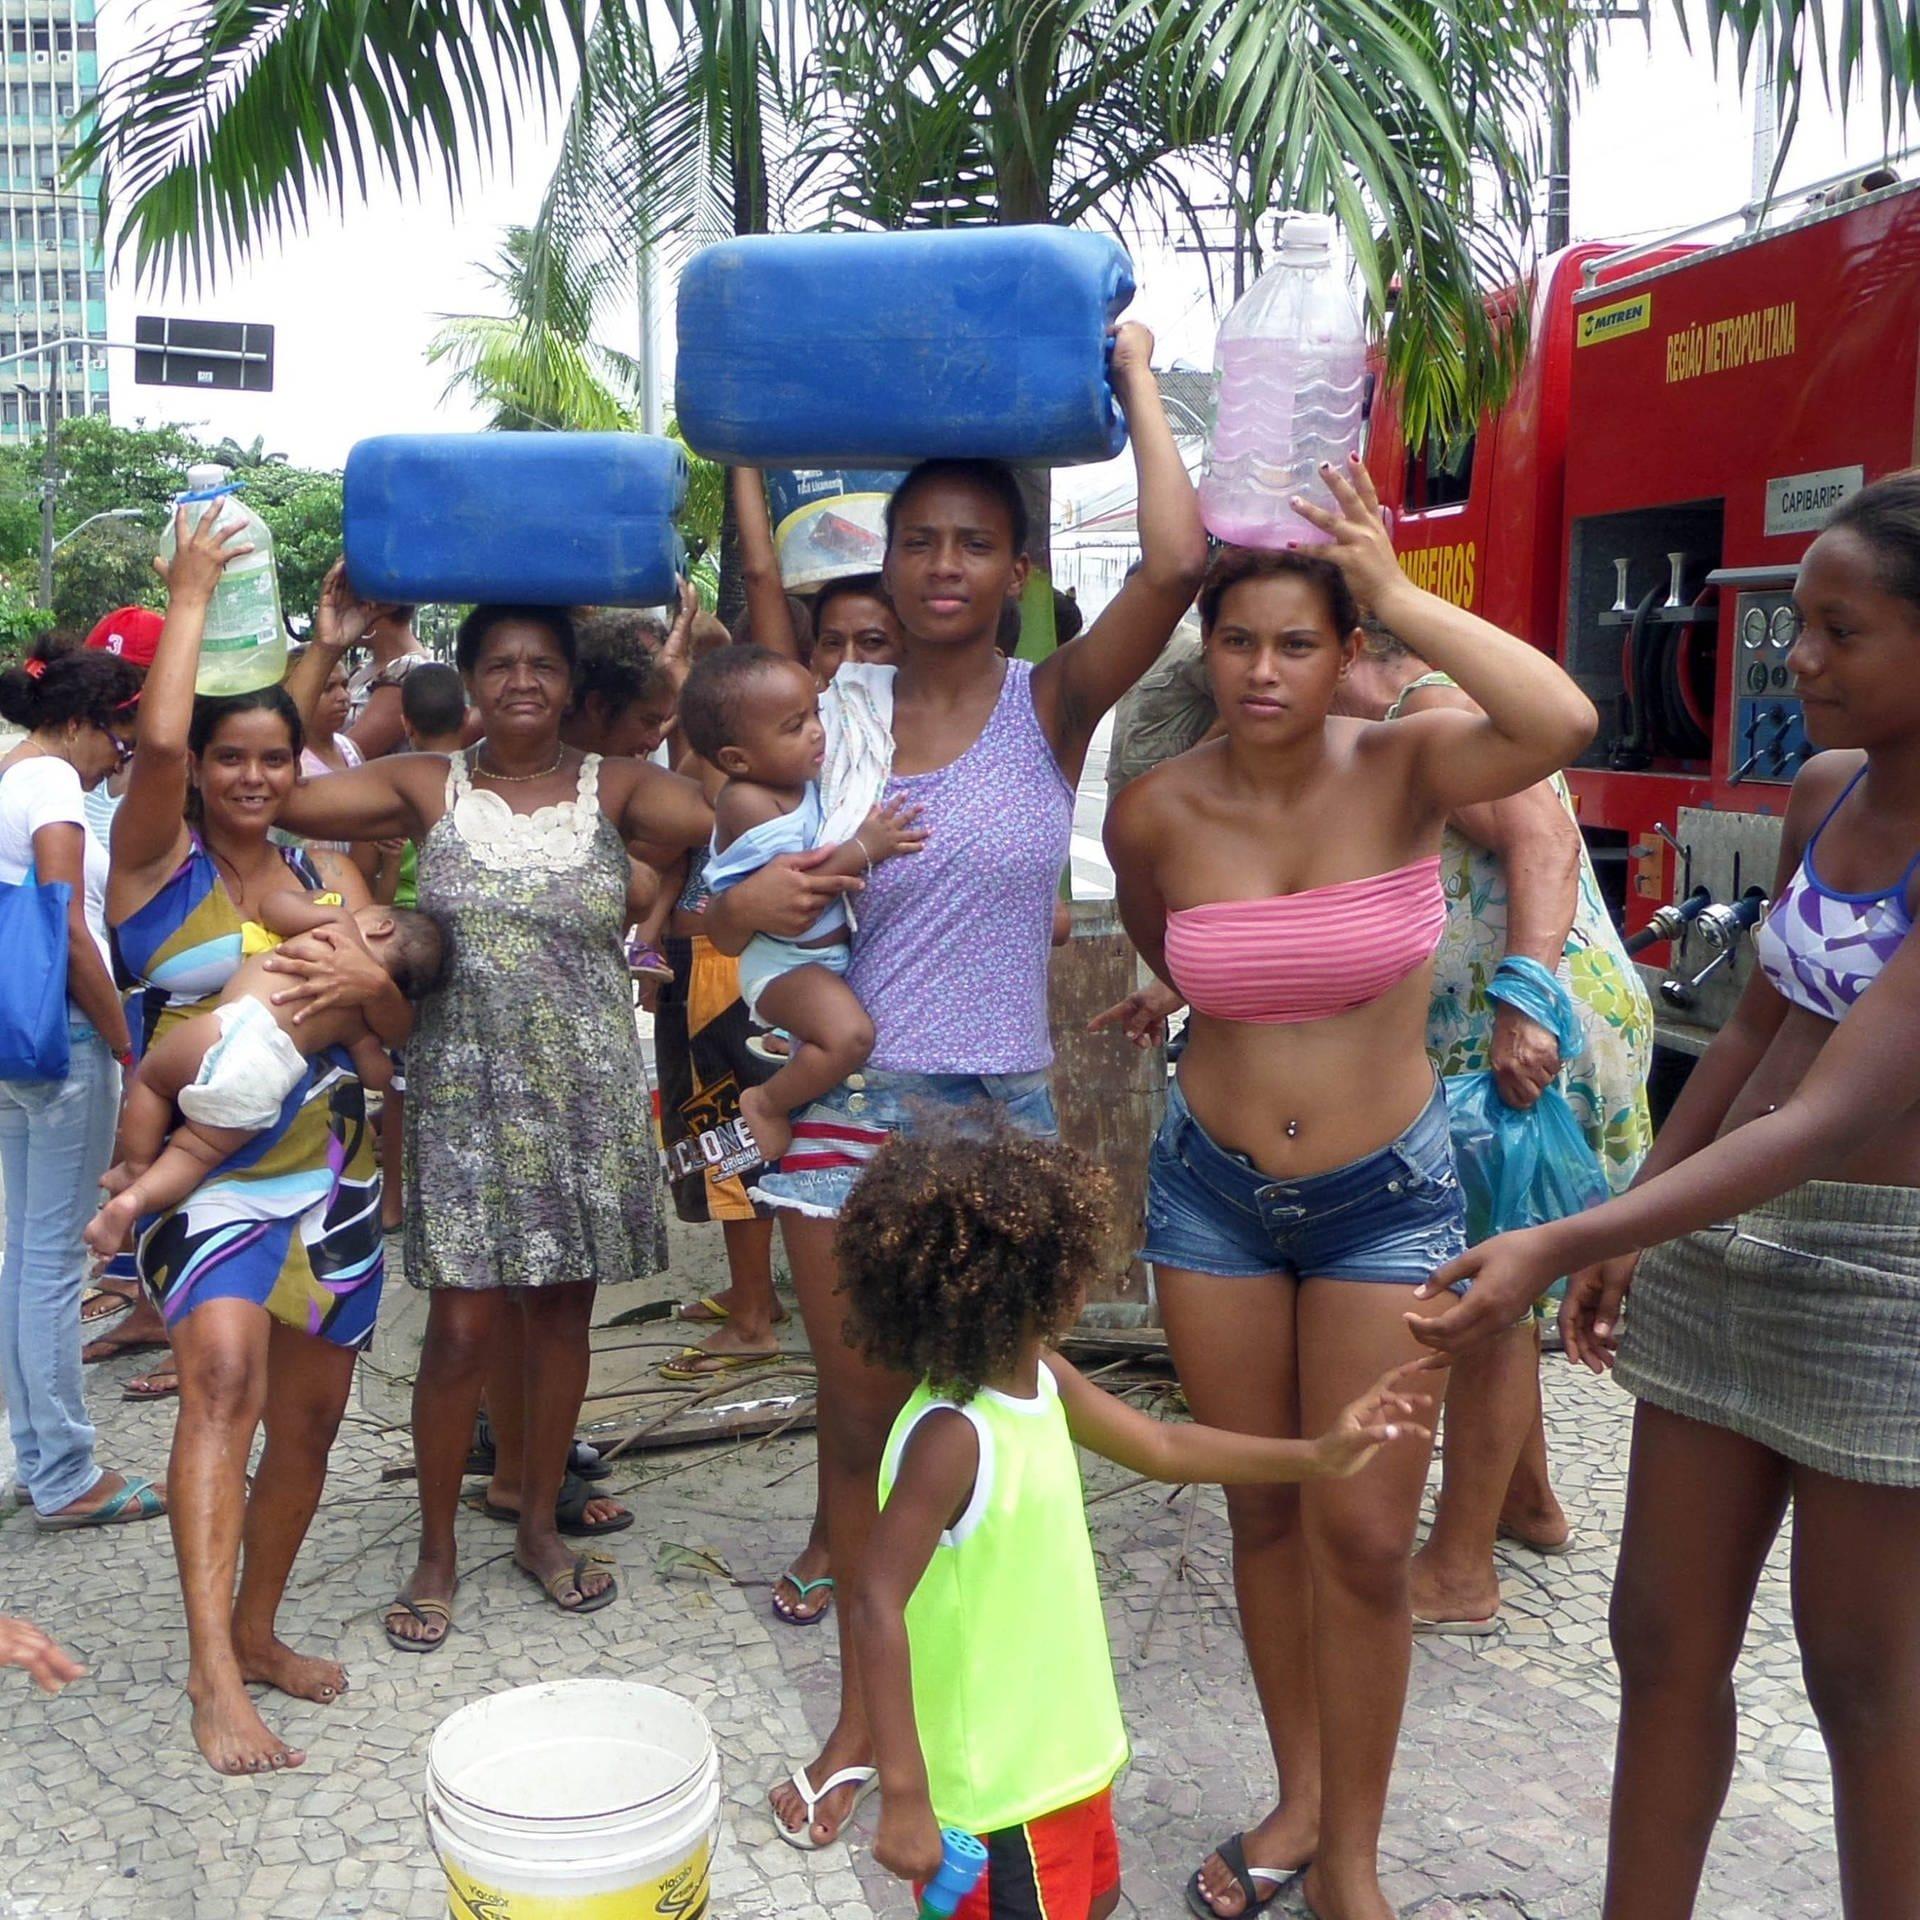 Die Wasserschützer – Bürger armer Länder gegen Großkonzerne